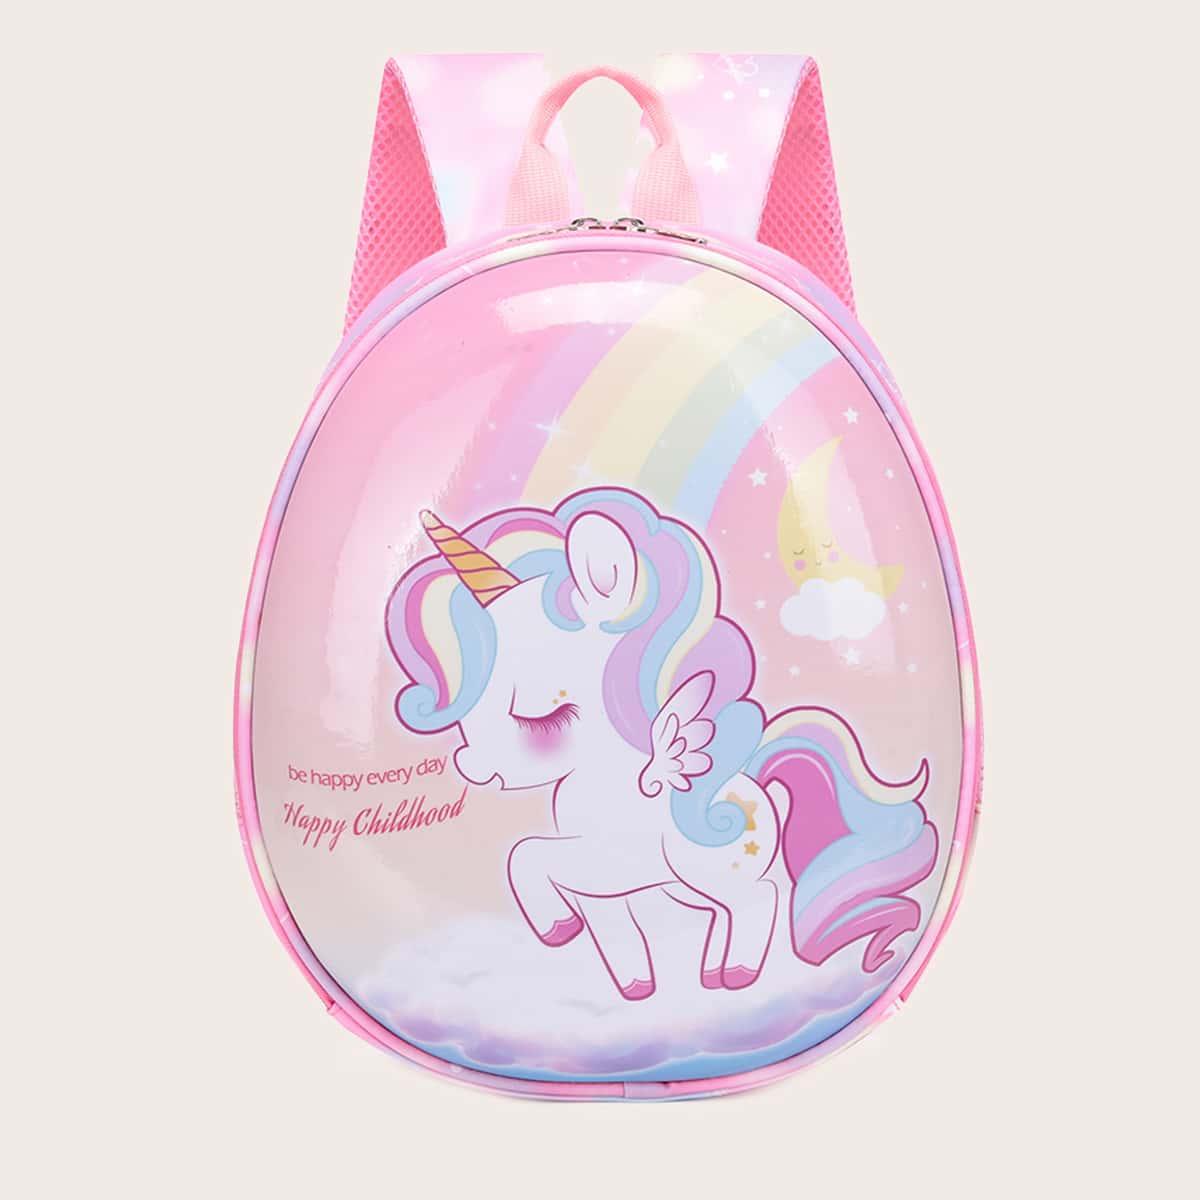 Рюкзак с рисунком единорога для девочек SheIn sk2108079935733031